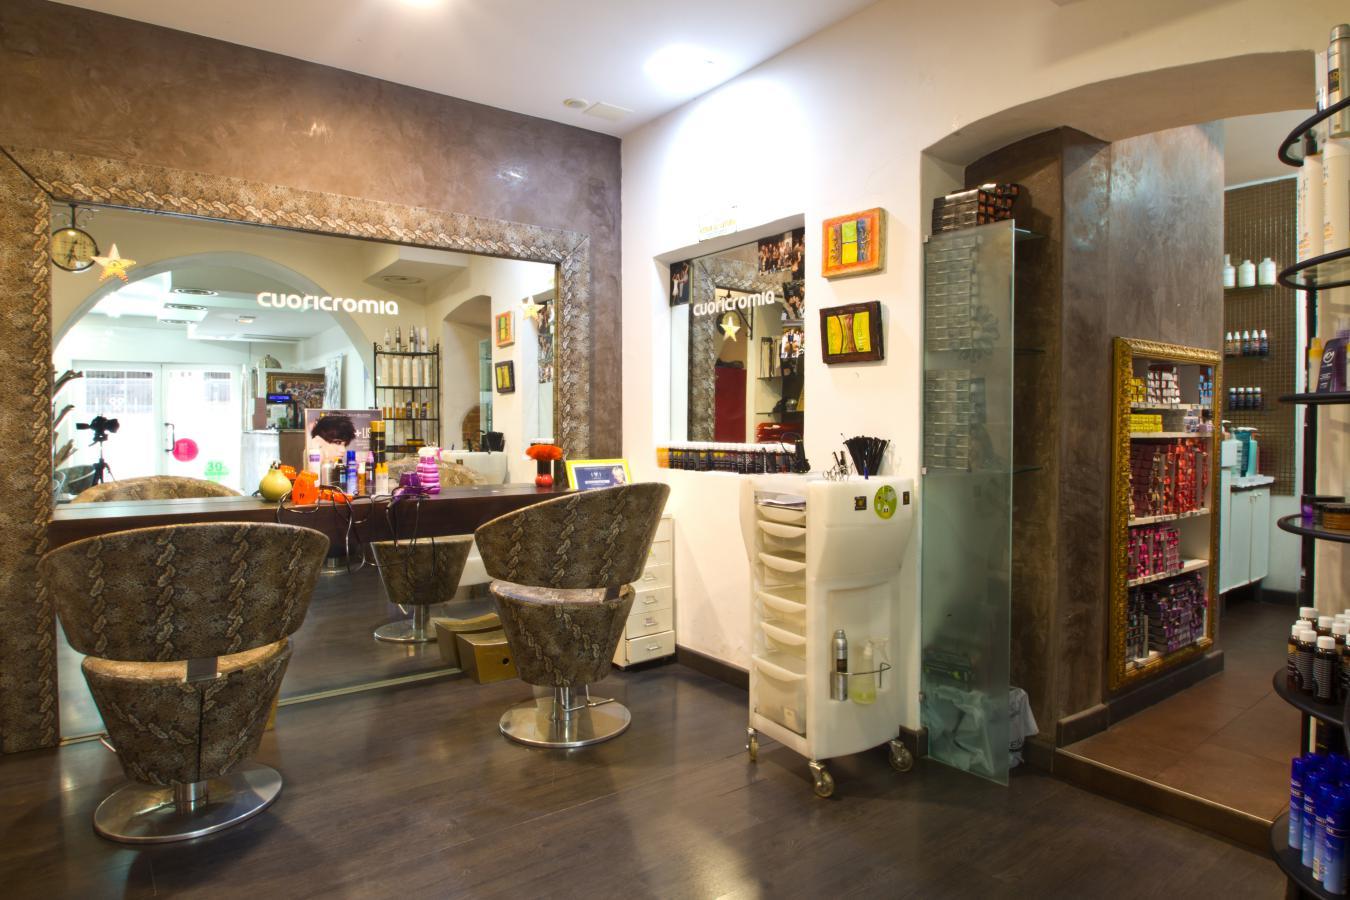 Foto del Salone di parrucchieri Le Strizzacapelli a Genova